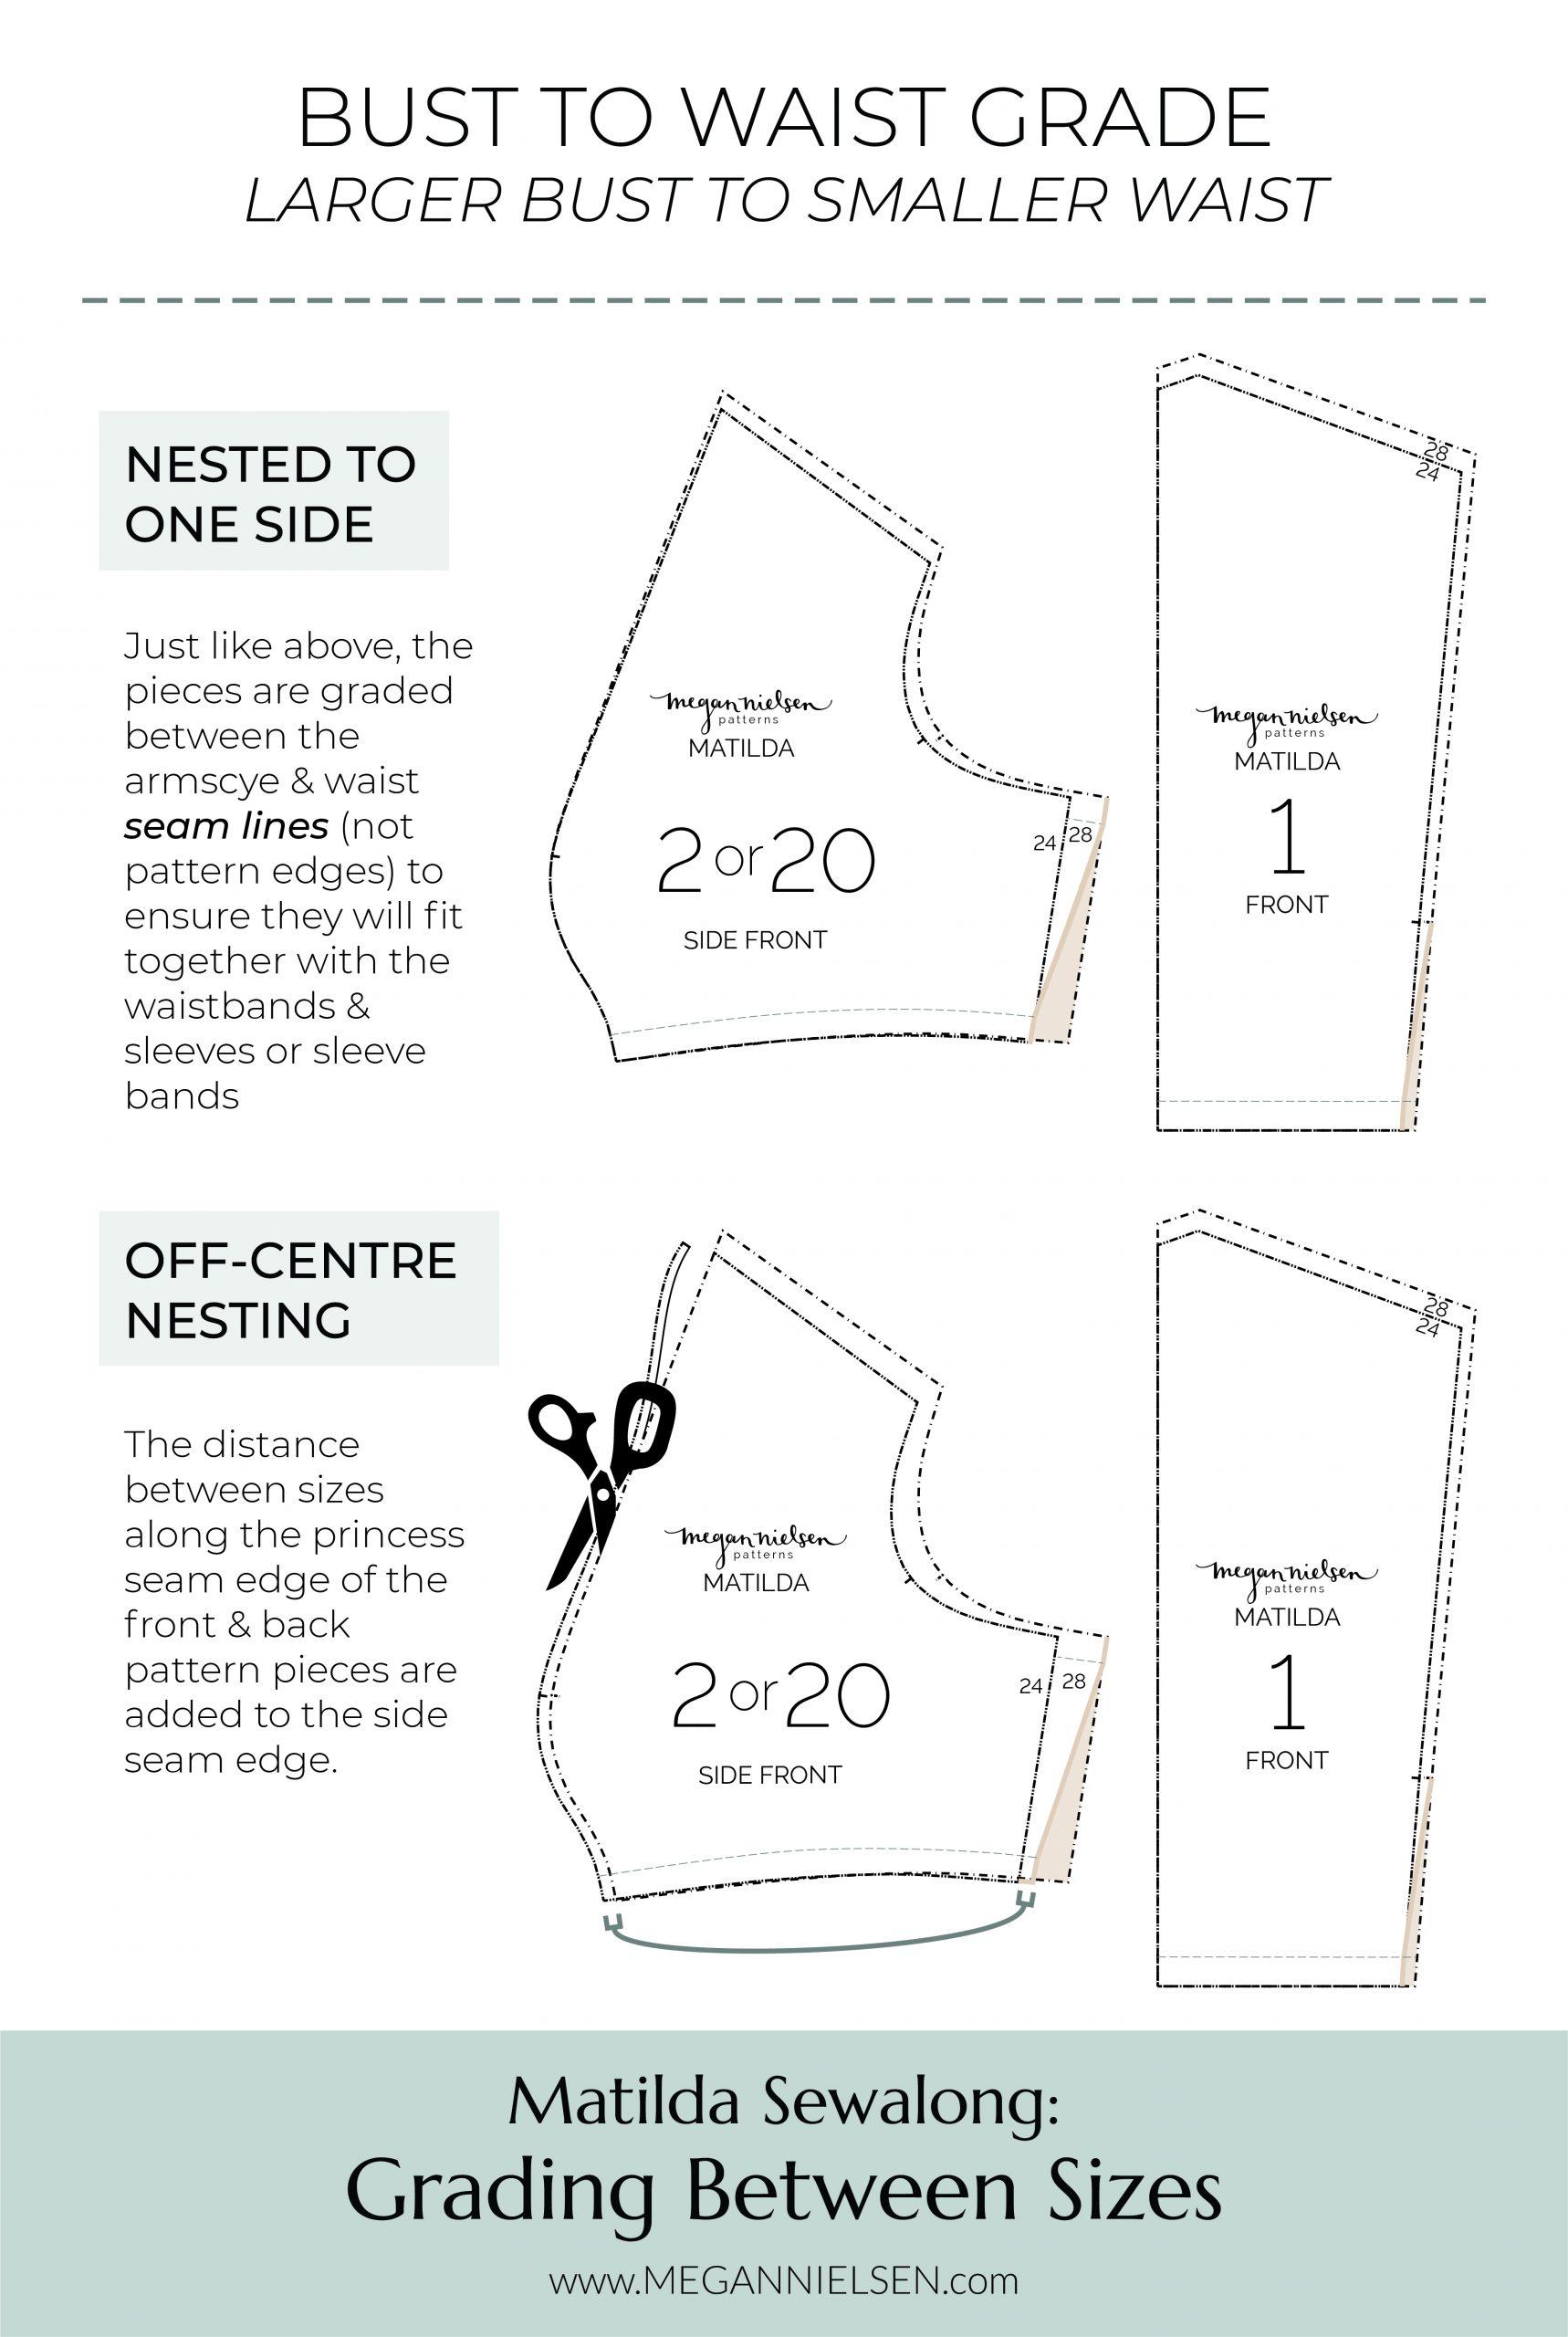 Megan Nielsen Patterns   Matilda Sewalong: Grading Between Sizes - Larger Bust To Smaller Waist Grade